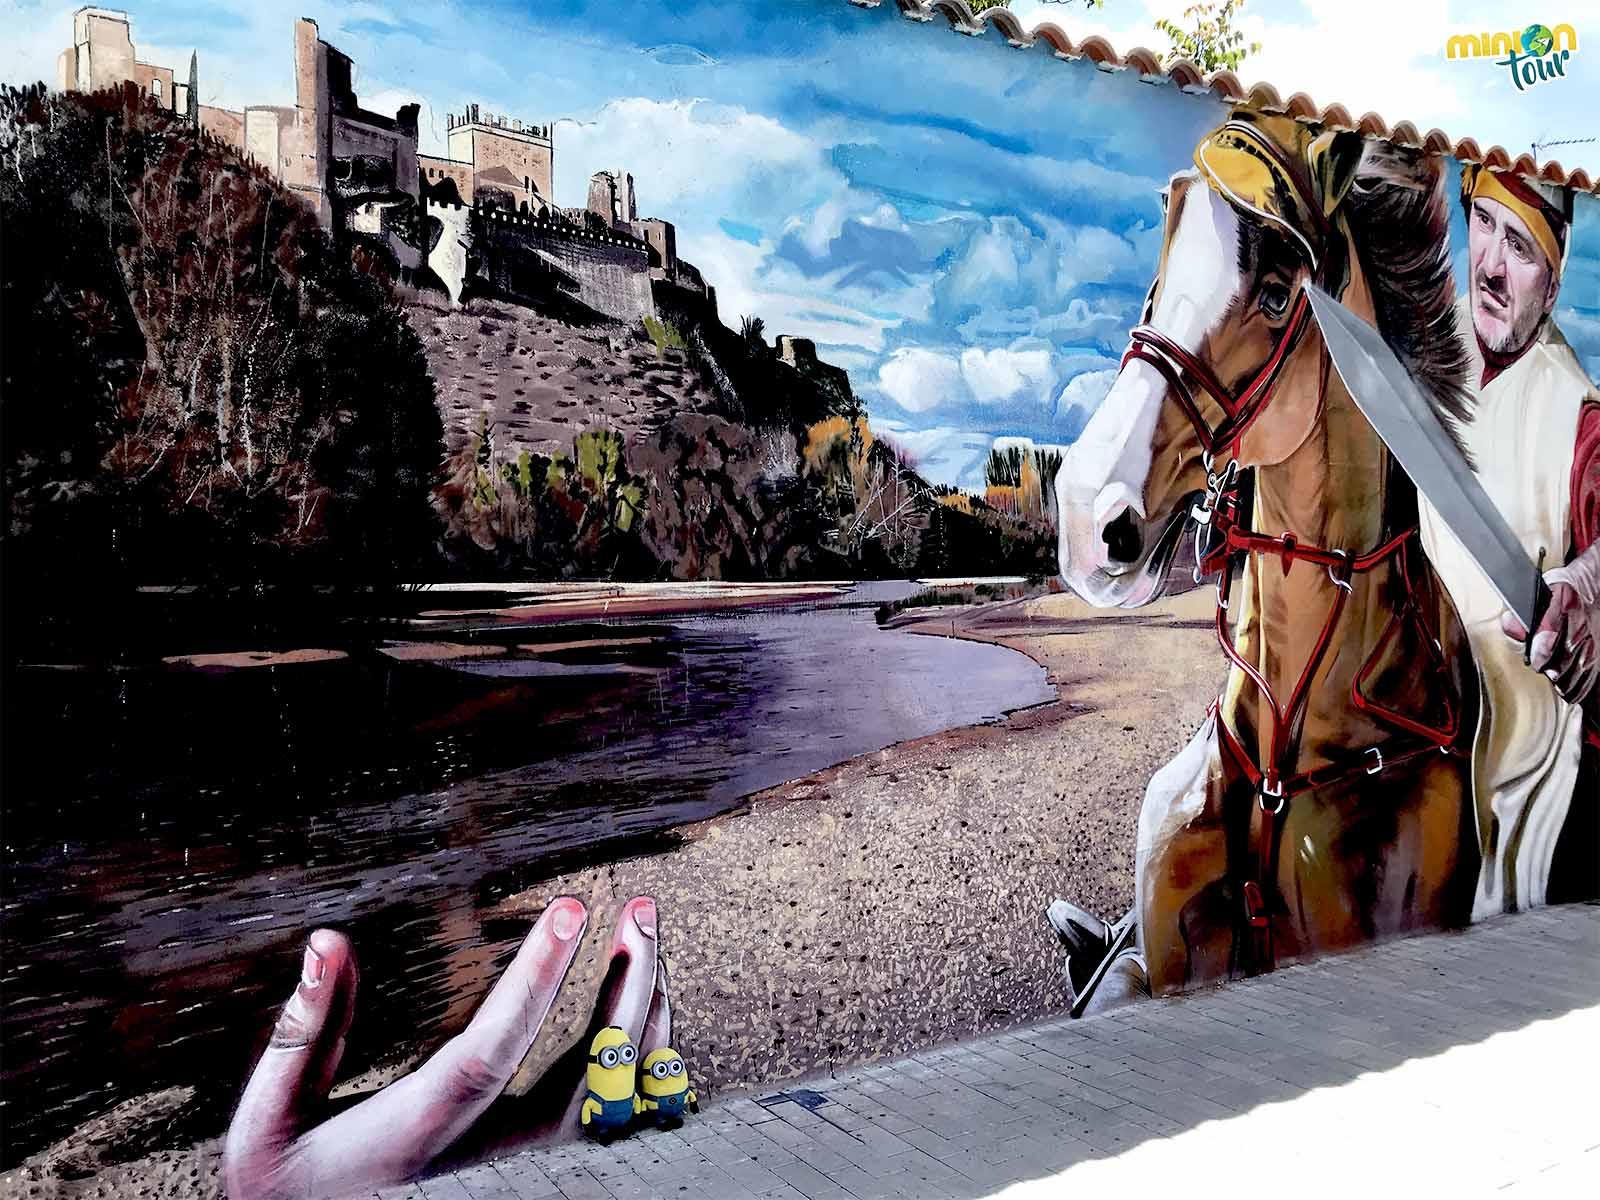 Mural de la batalla del río de Escalona